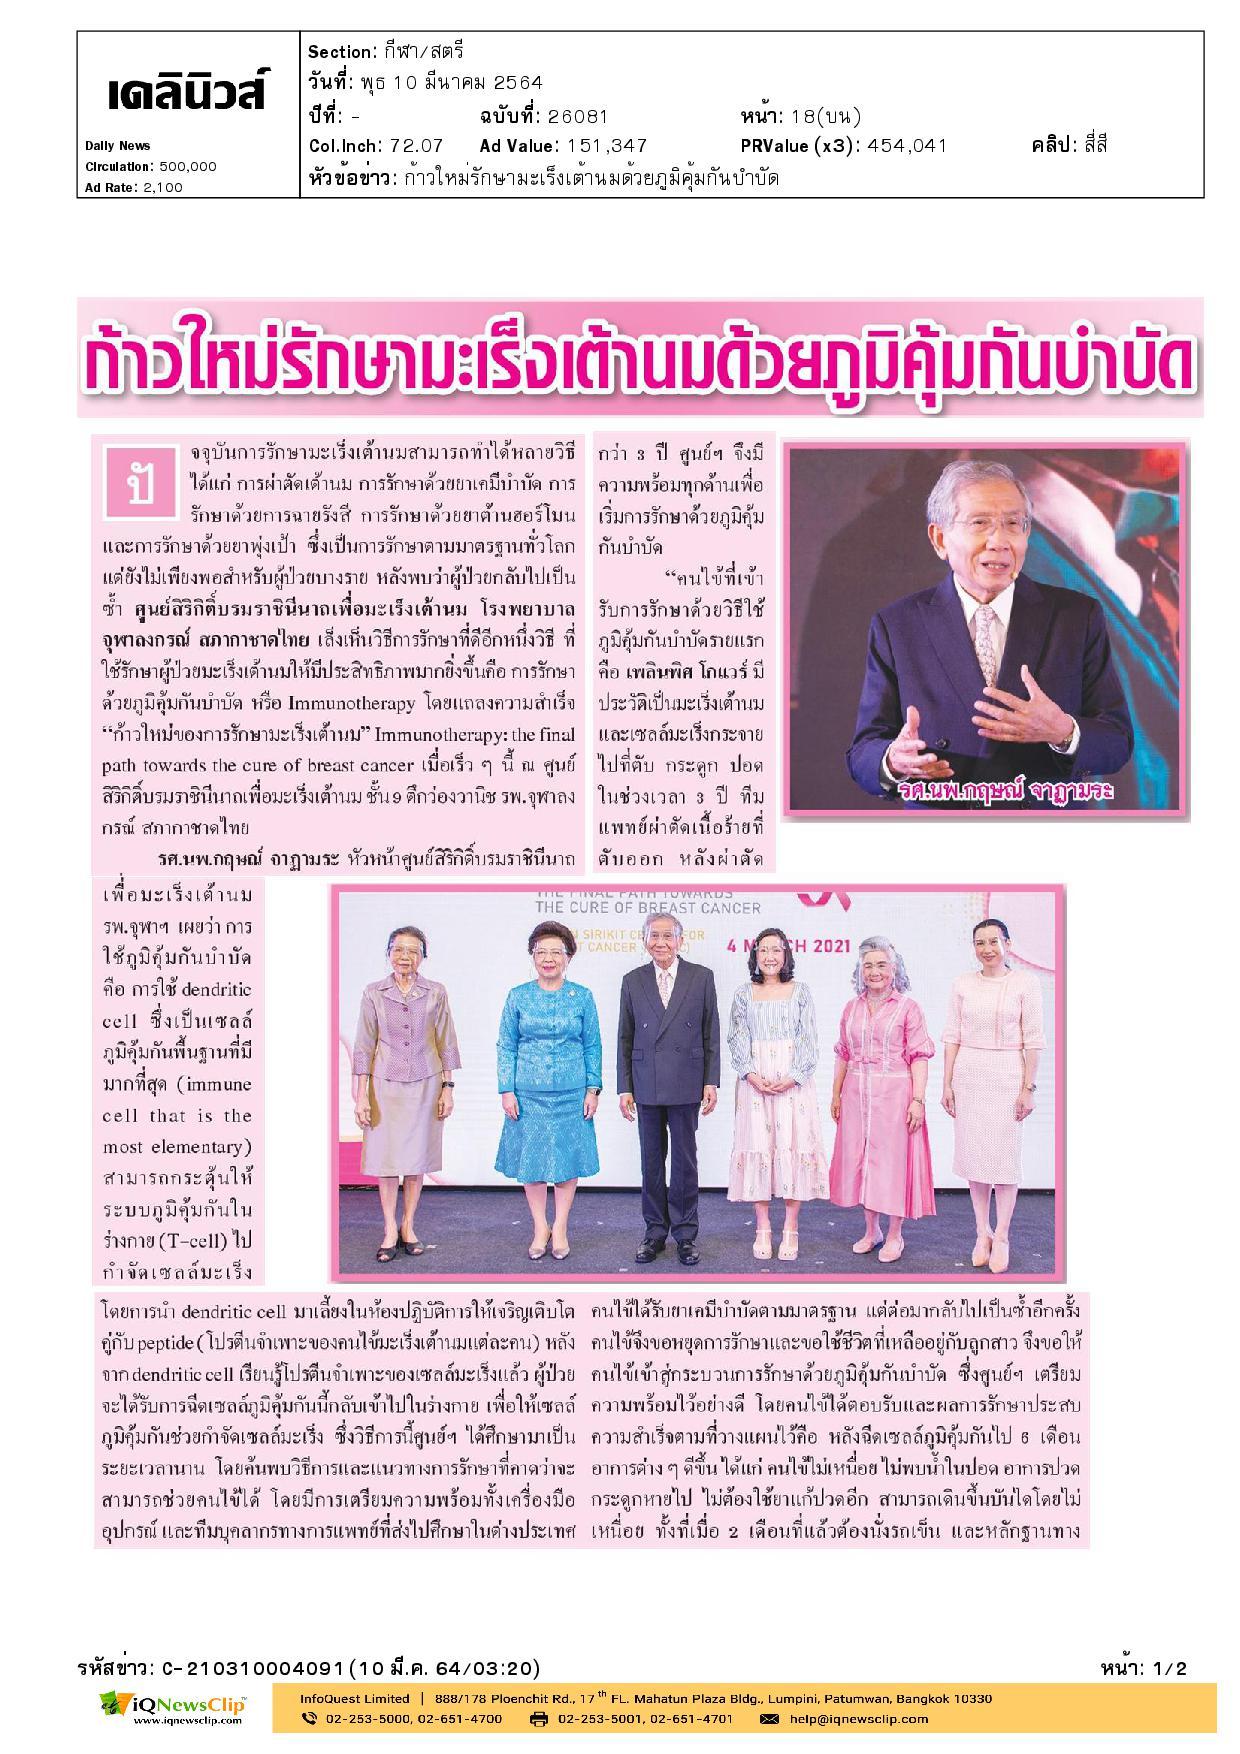 รพ.จุฬาฯ เเถลงก้าวใหม่ของการรักษามะเร็งเต้านม